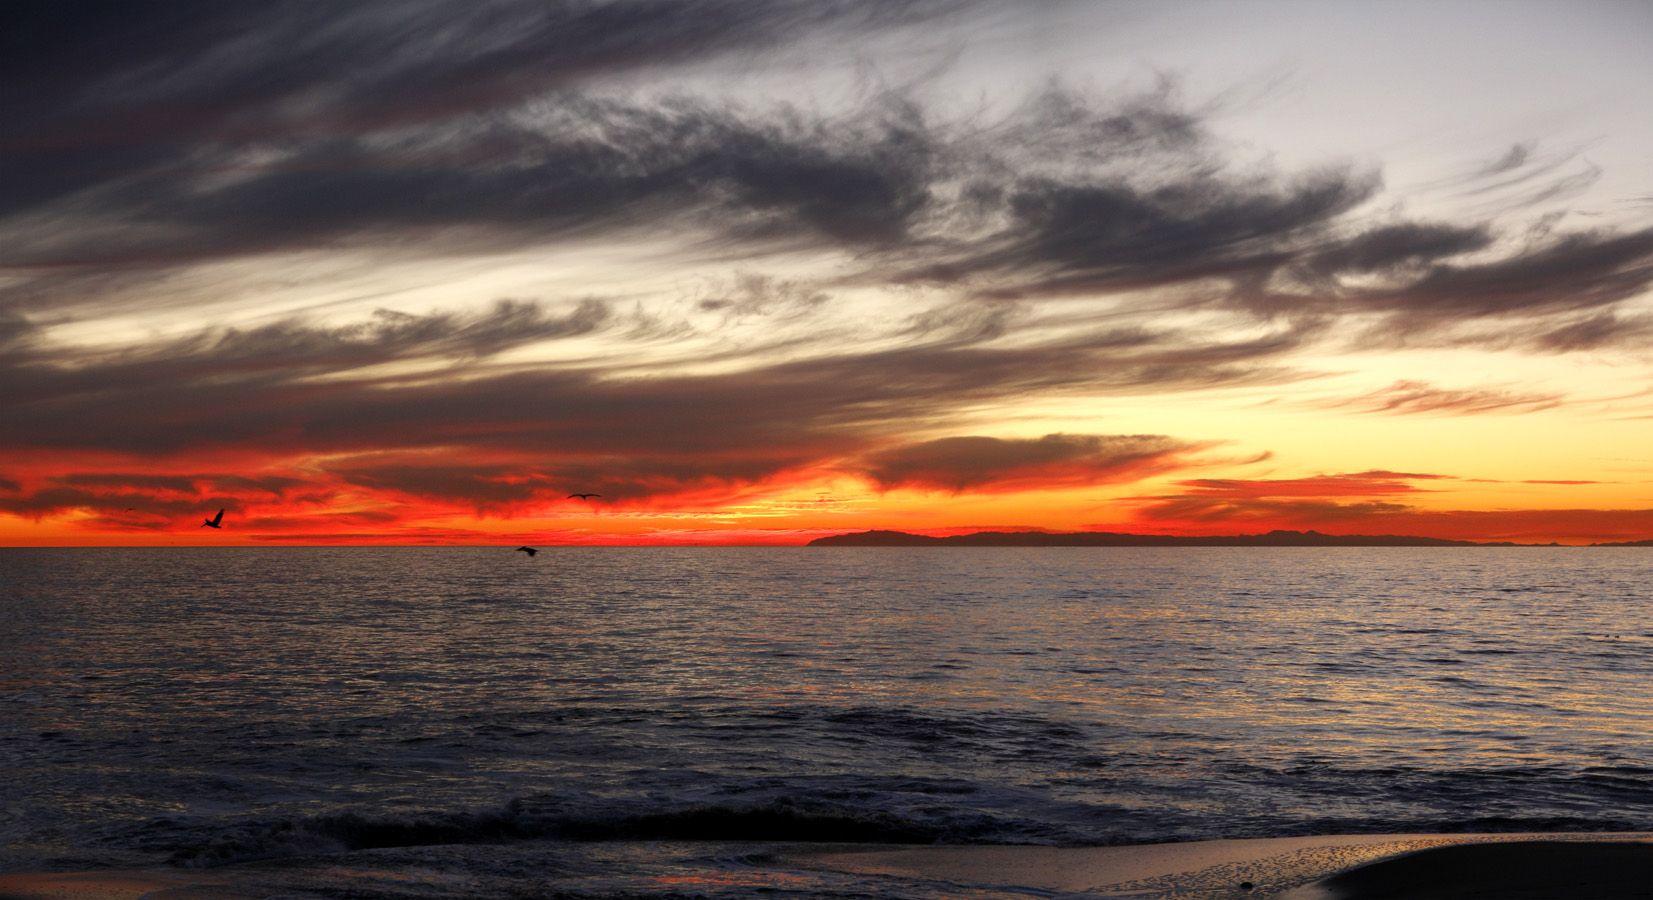 Laguna Beach Sunset Desktop Wallpaper Laguna Beach Sunset Picture Jpg 1653x900